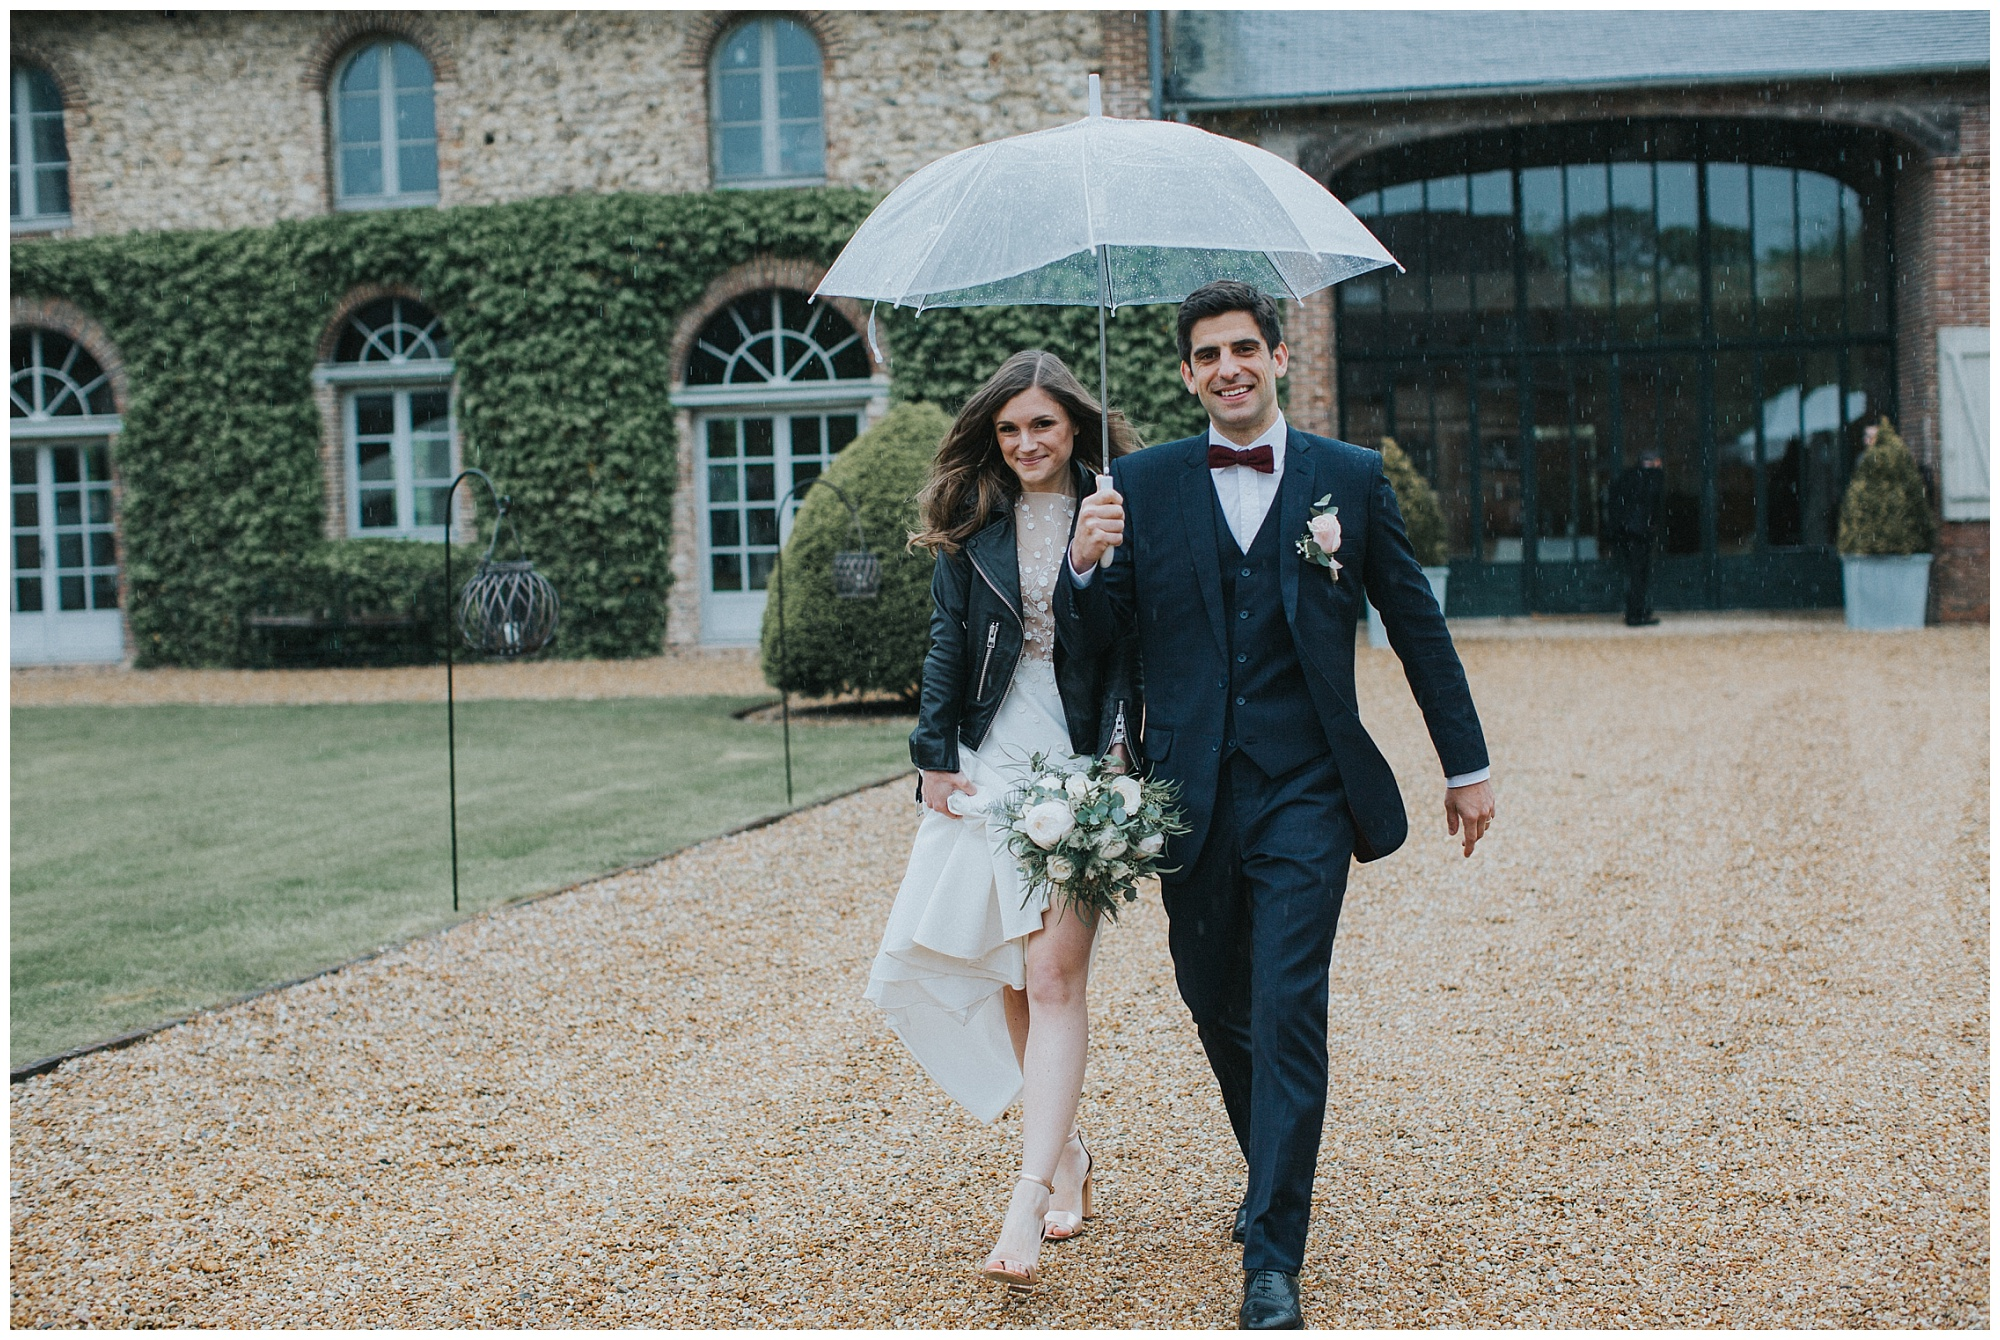 Kateryna-photos-photographe-rouen-mariage-domaine-des-evis-Normandie-couple-sous-un-paraplui